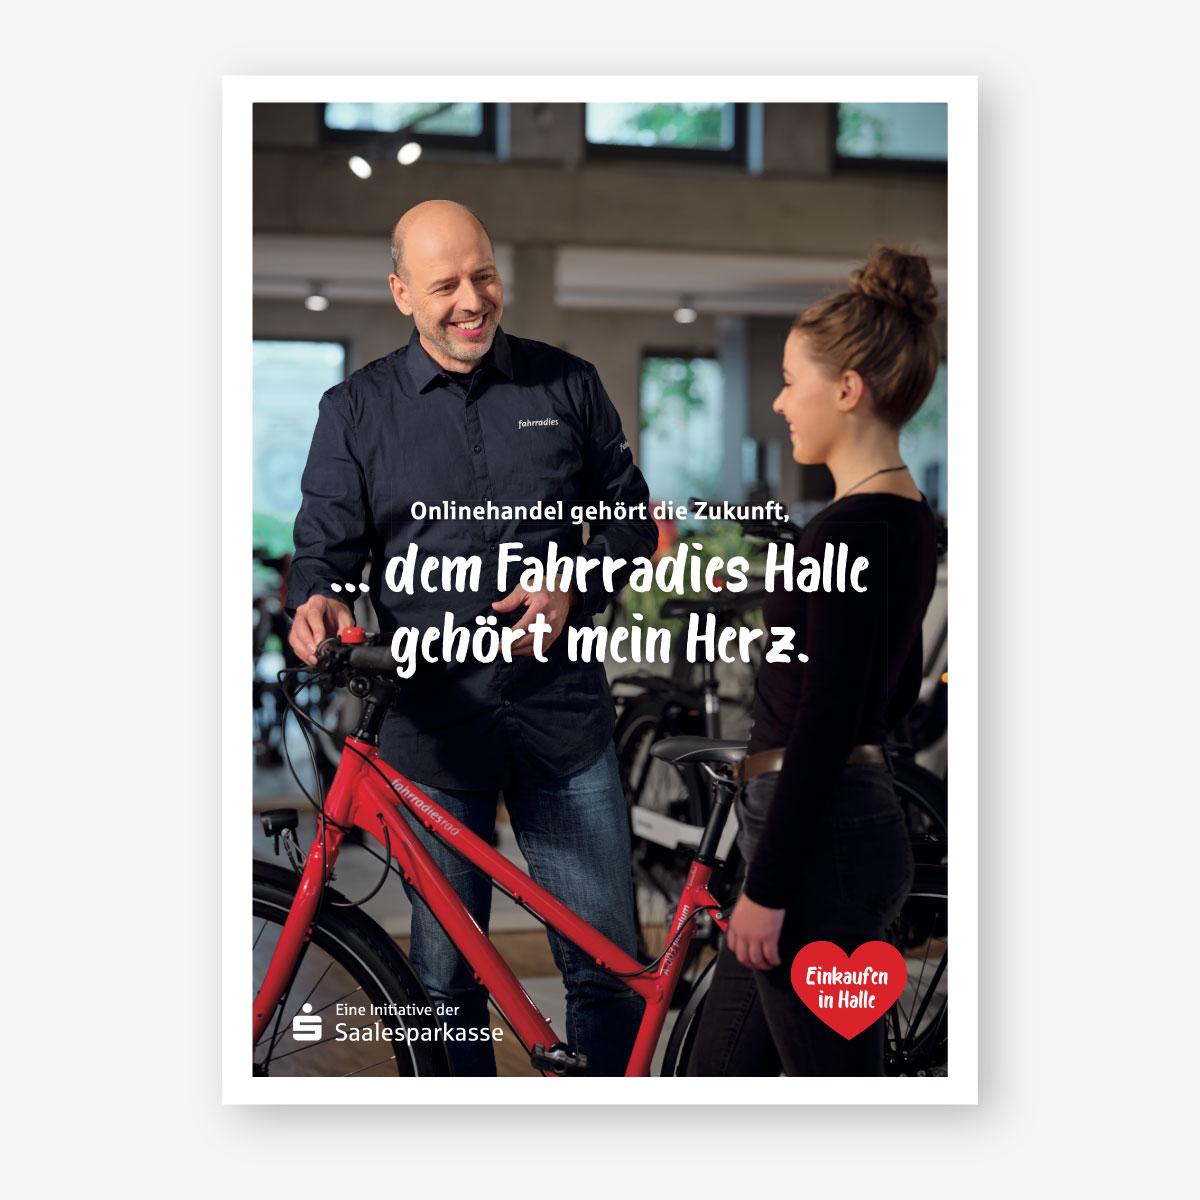 Kampagne der Saalesparkasse für Händler in der Region: Plakatmotiv: Fahrradies Halle